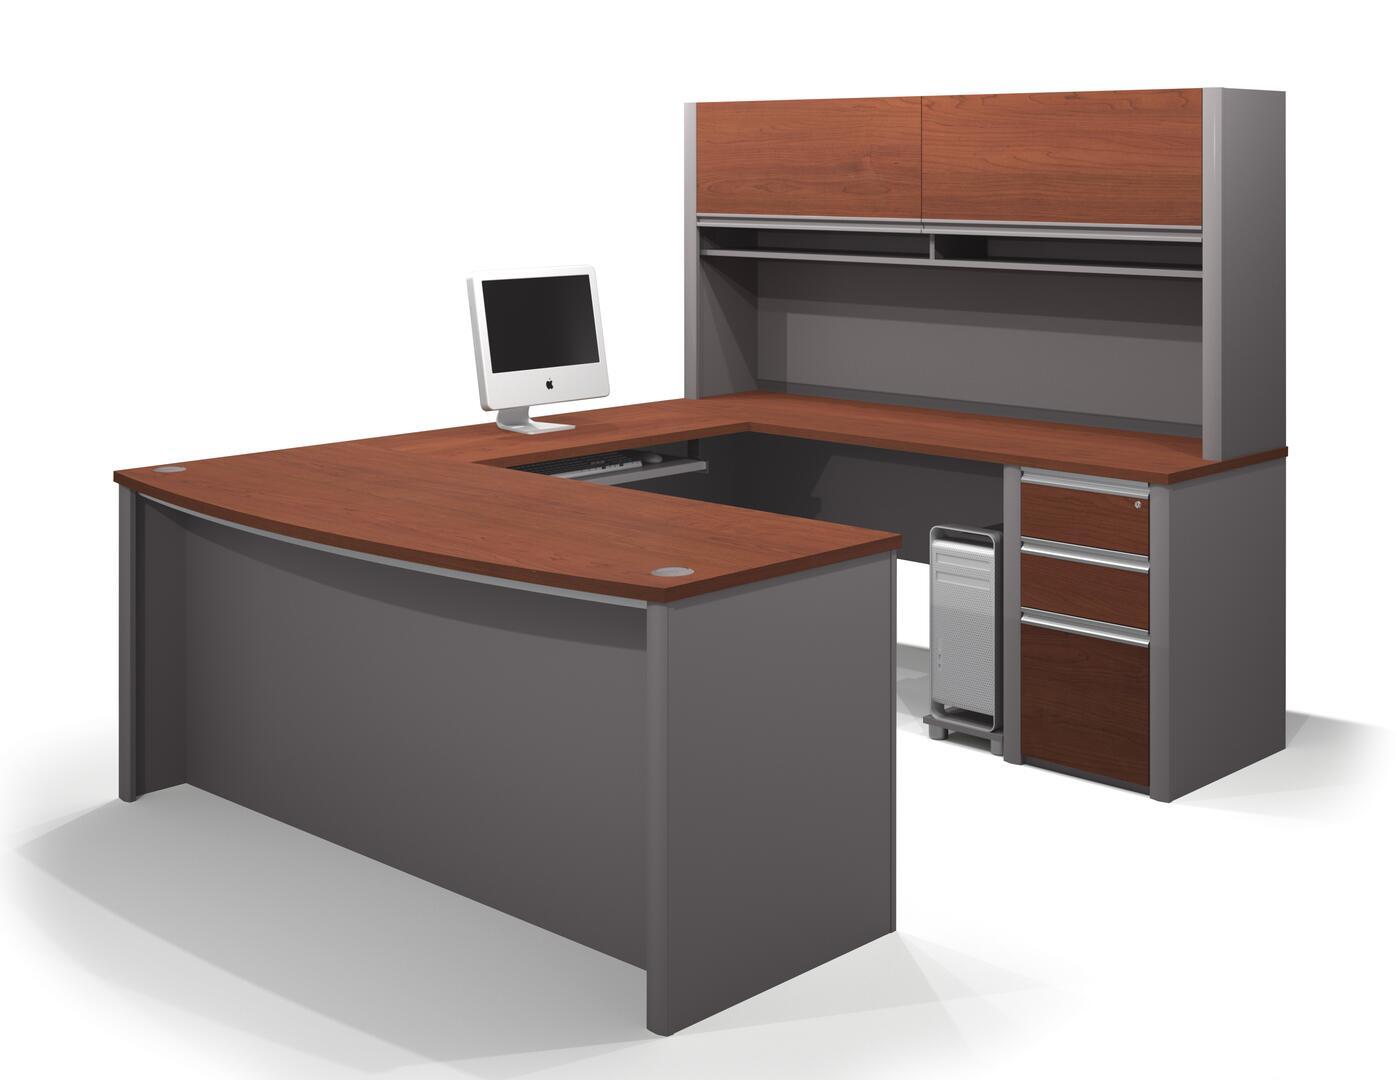 Bestar furniture 9388139 modern u shape office desk for Furniture connection